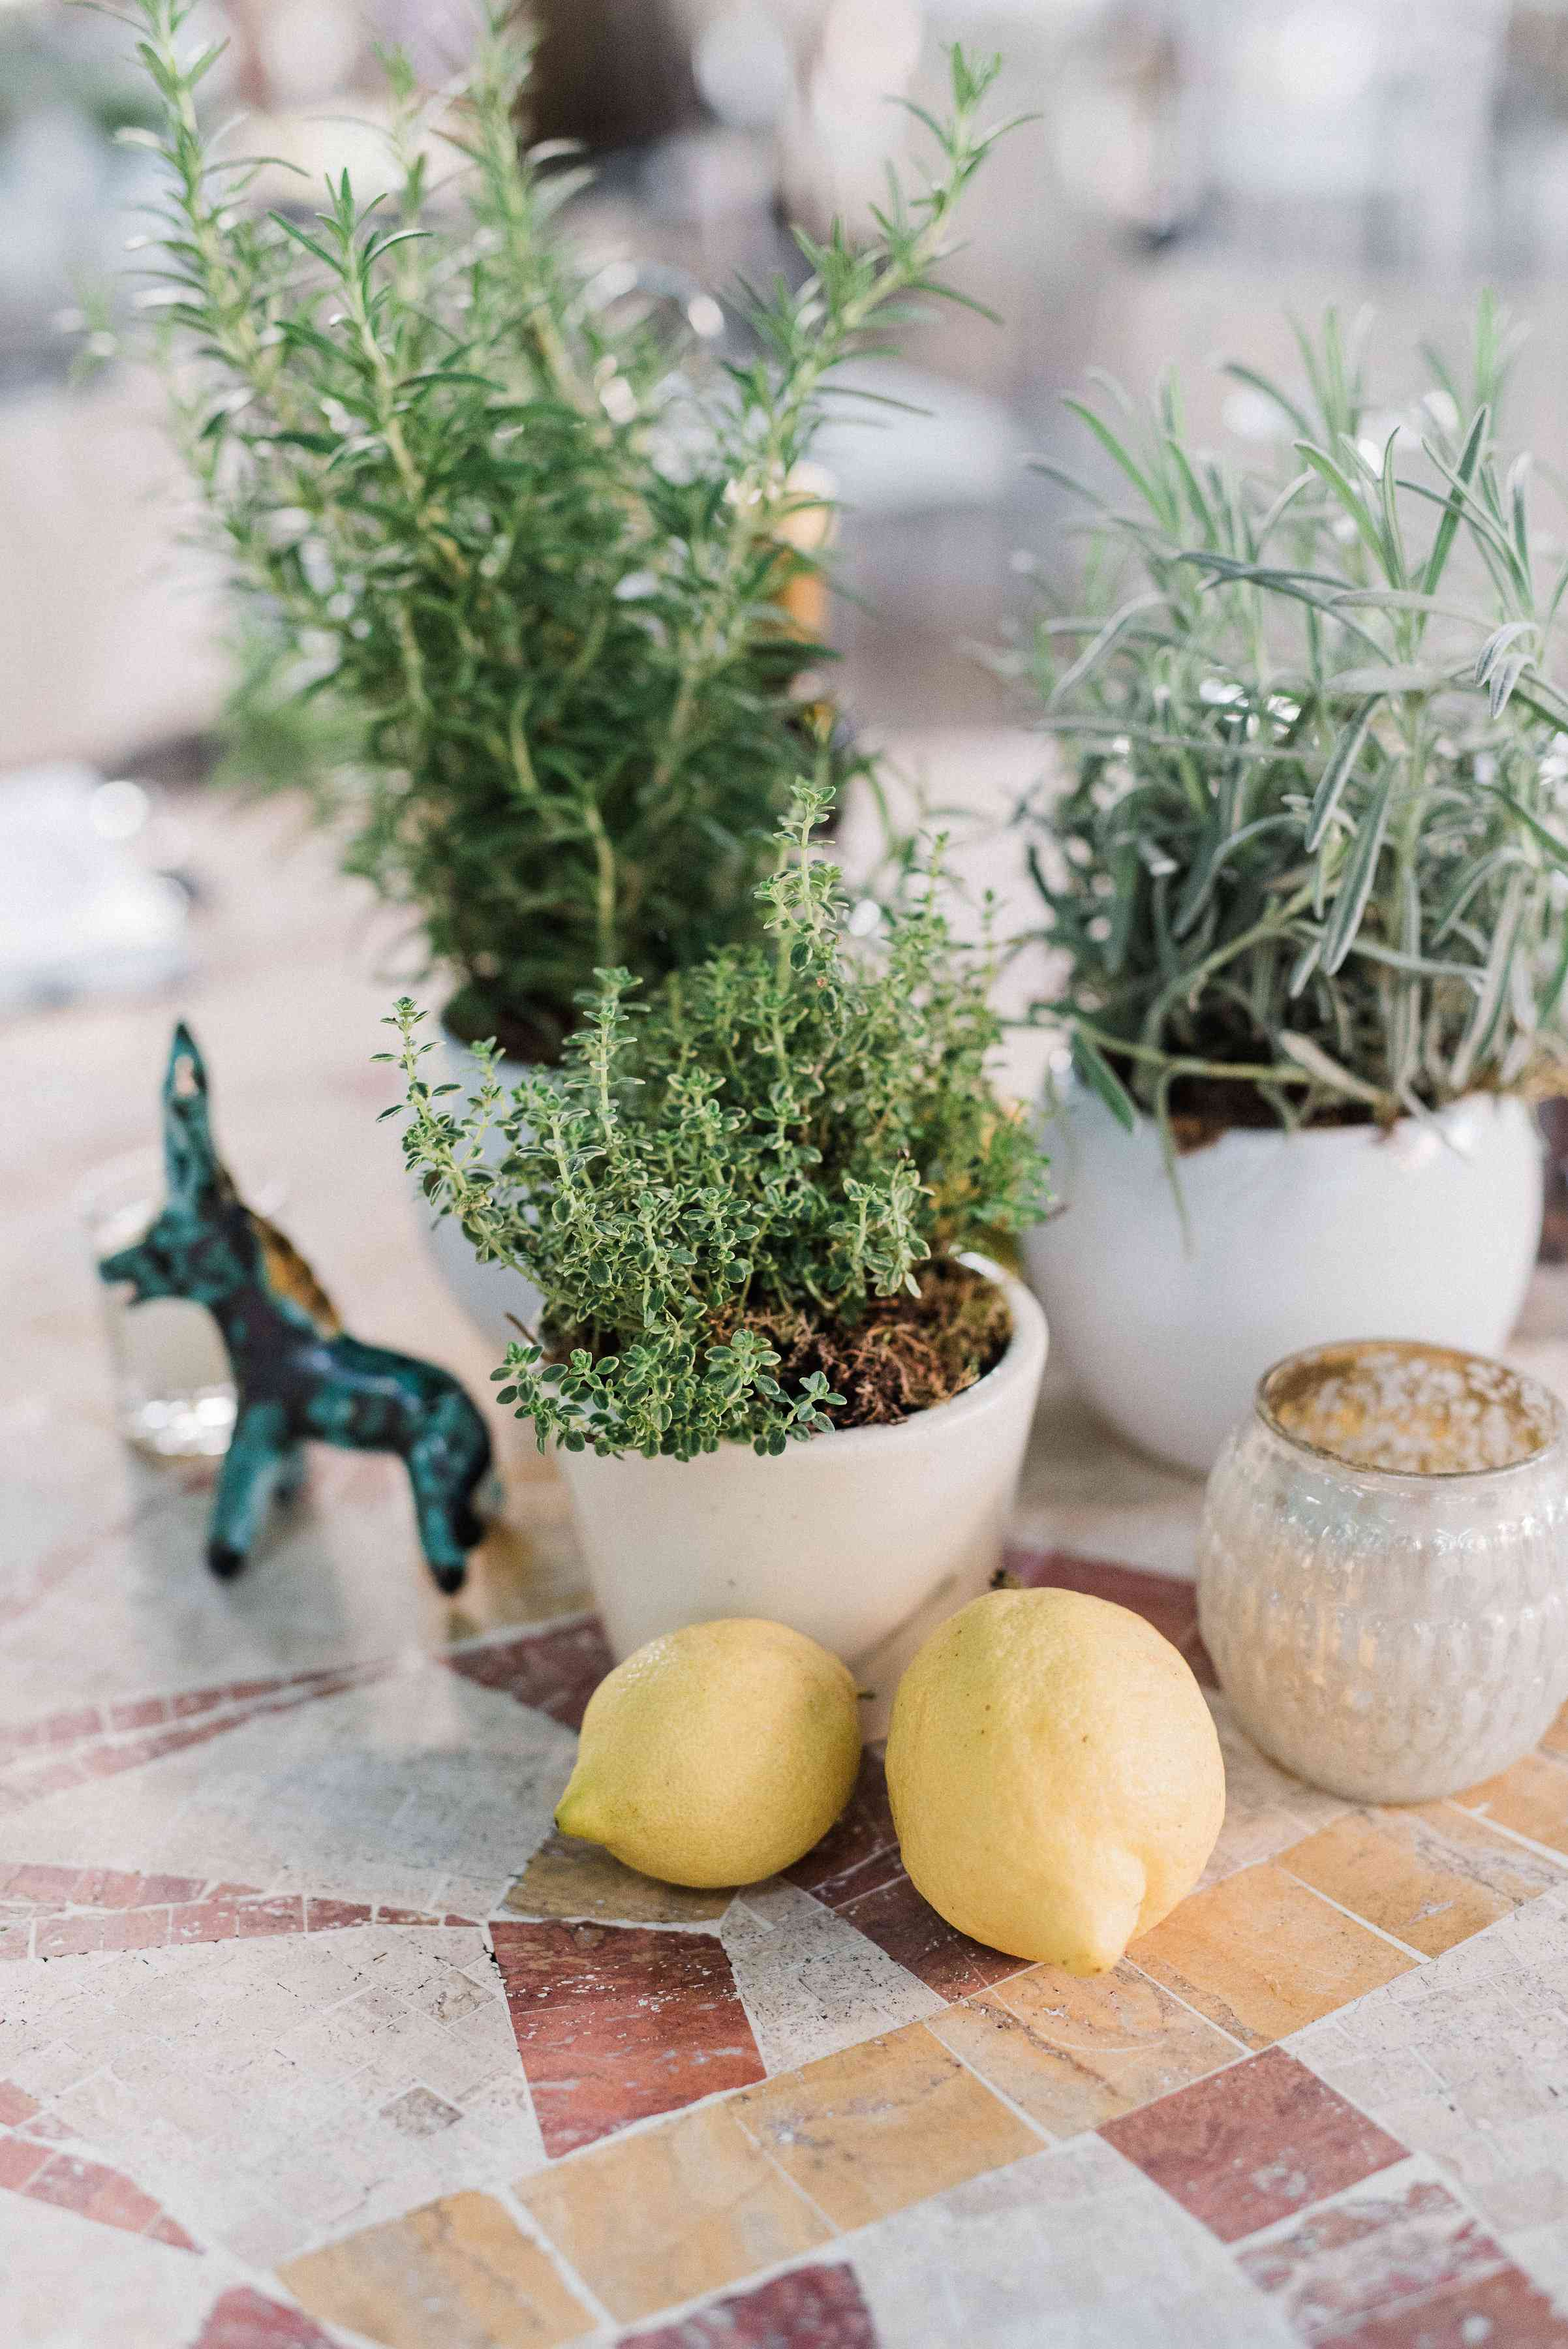 Plant arrangments